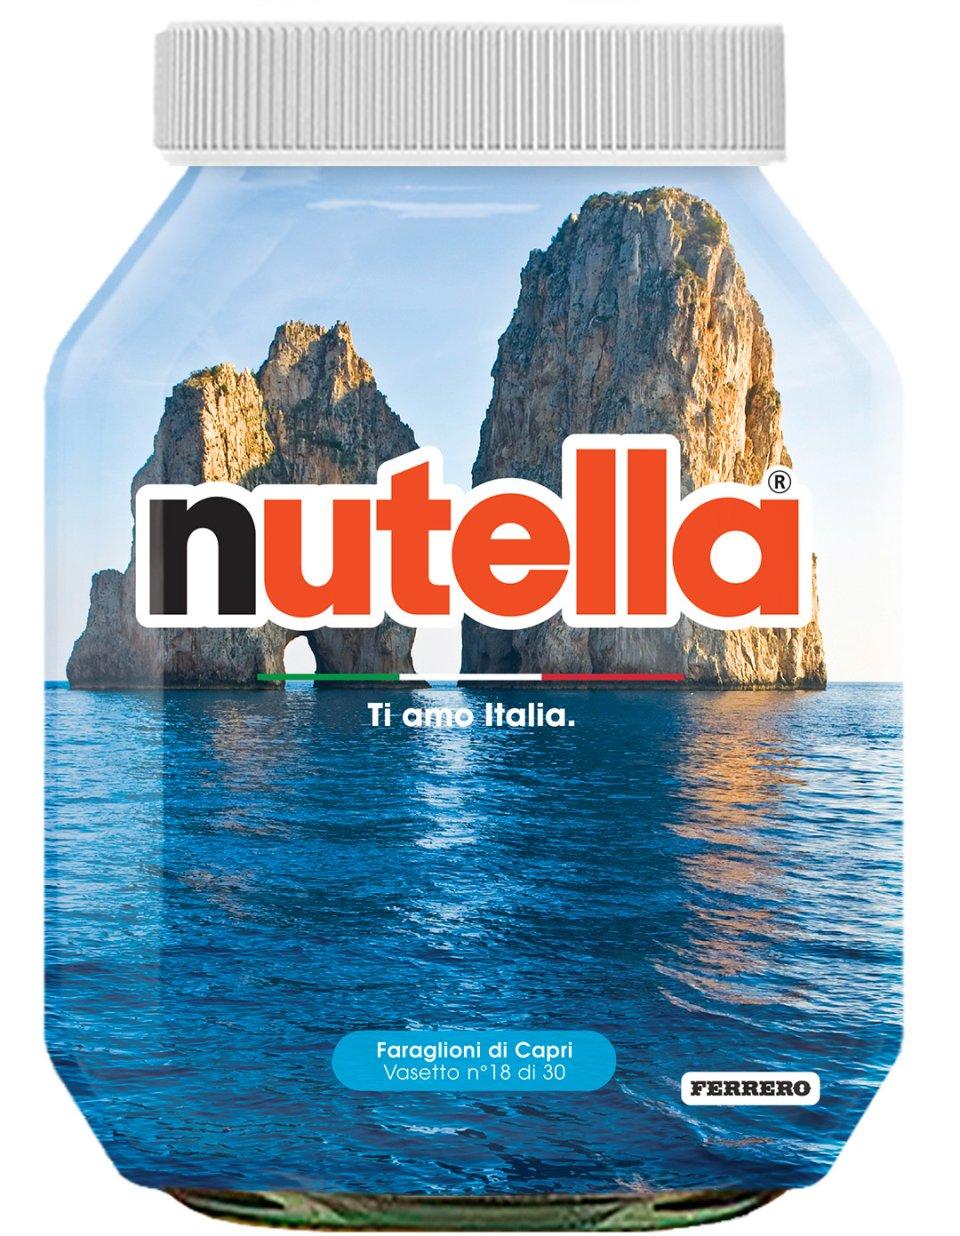 Faraglioni di Capri, Campania